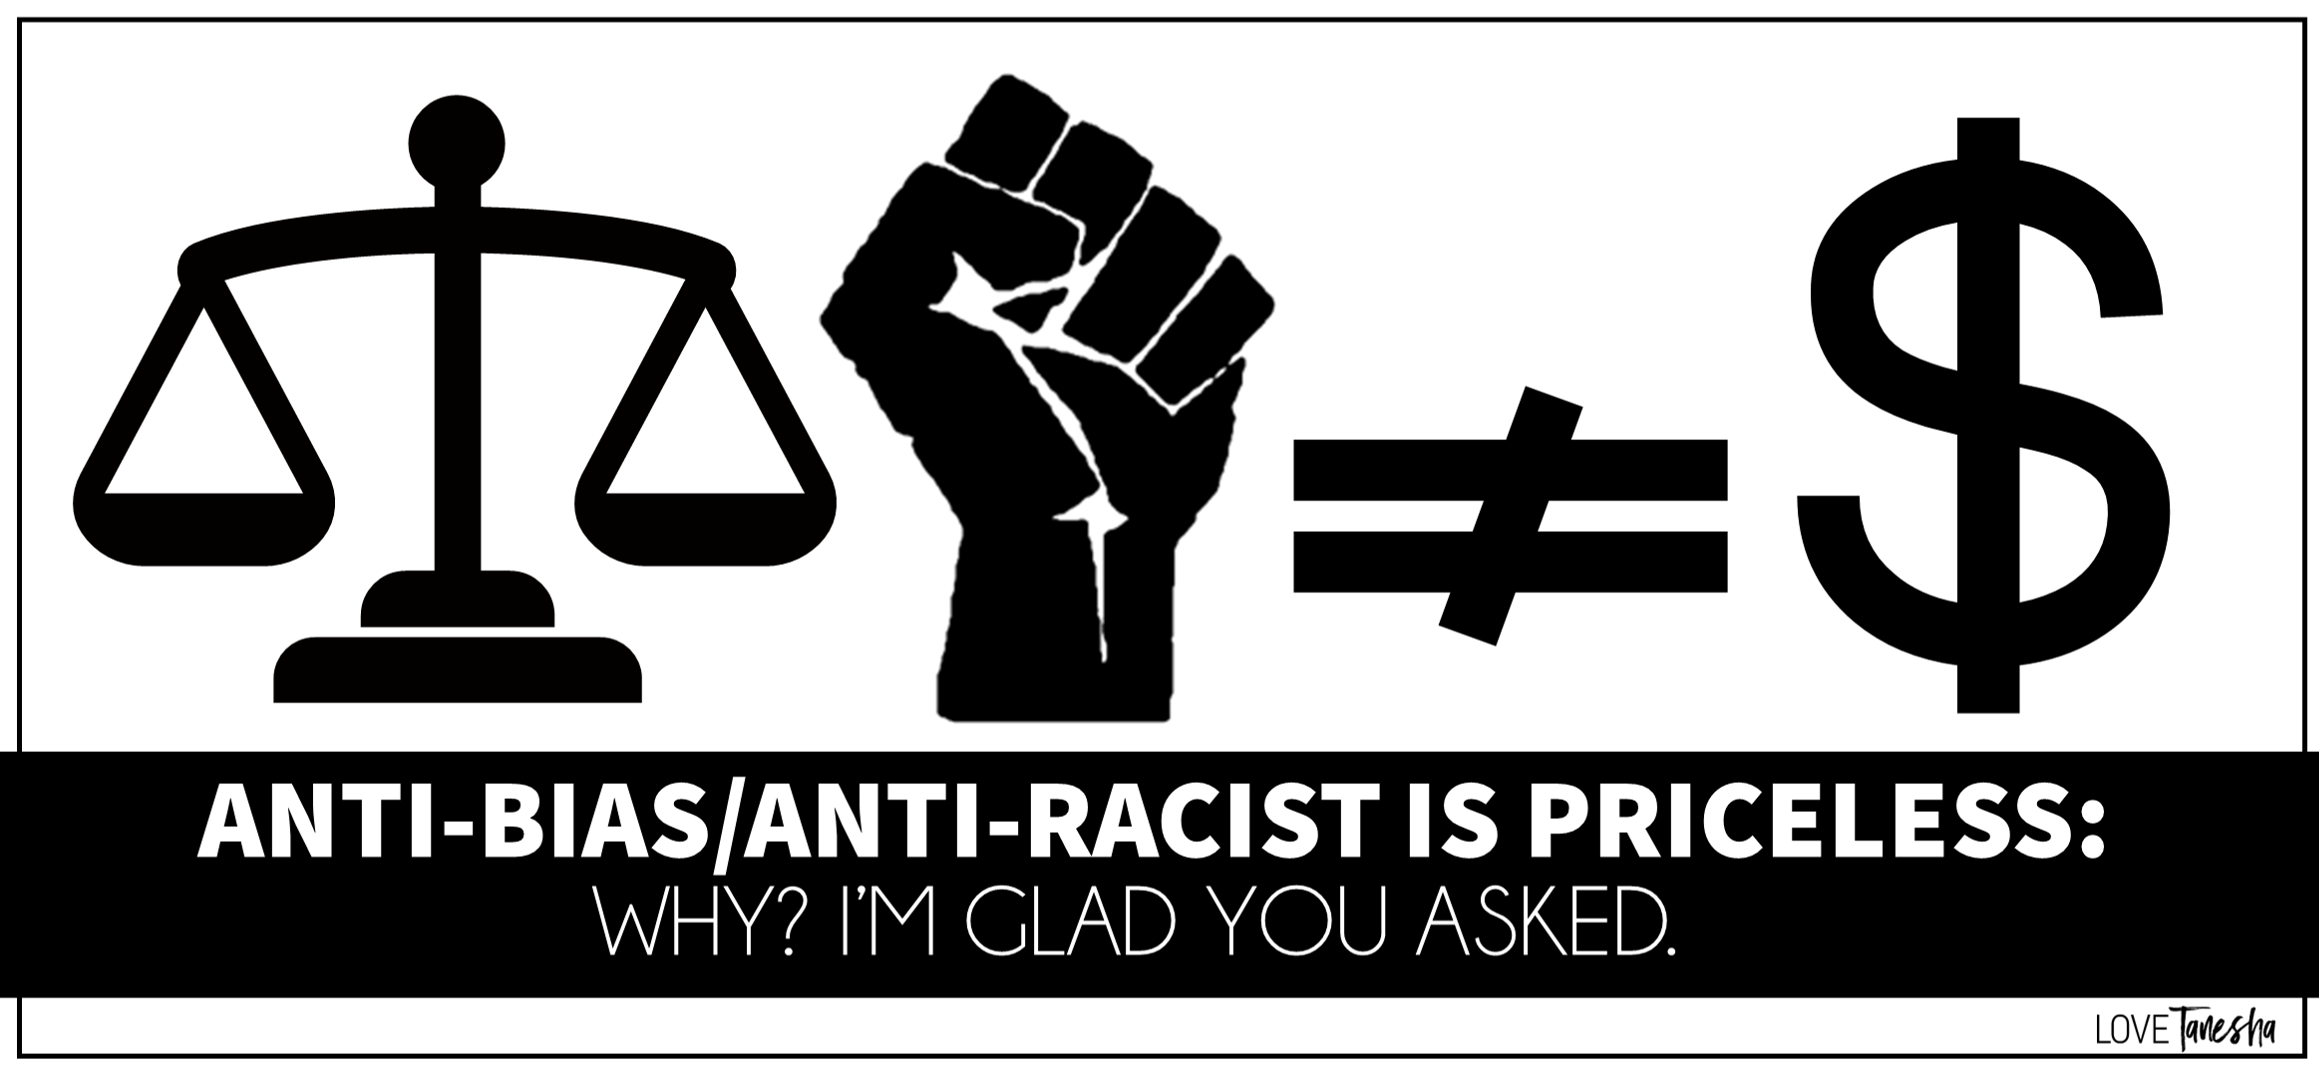 Anti-Bias/Anti-Racist Work is Priceless